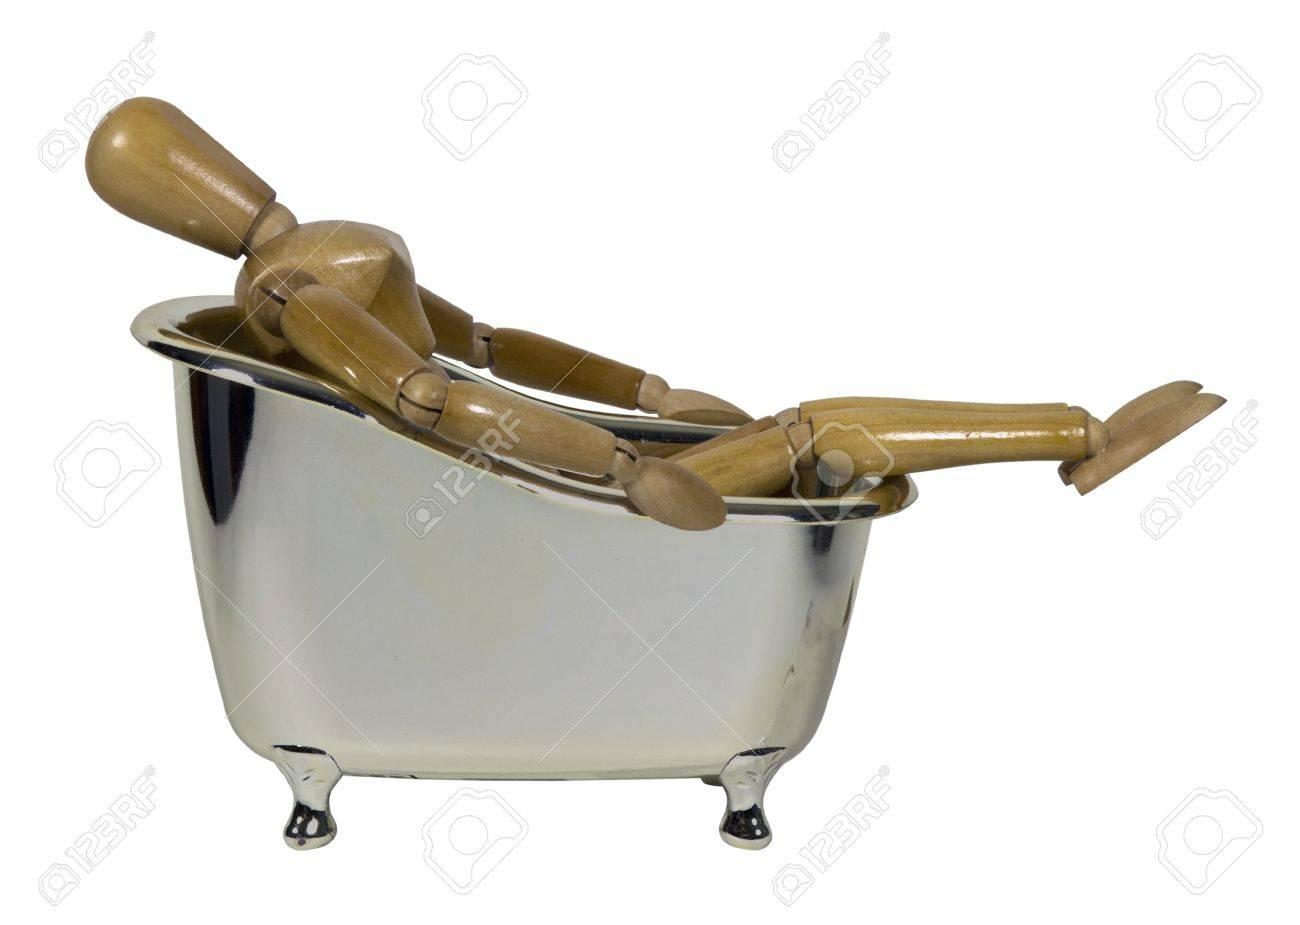 Vasche Da Bagno D Epoca : Si appoggiò allo schienale in una vasca da bagno depoca artiglio d